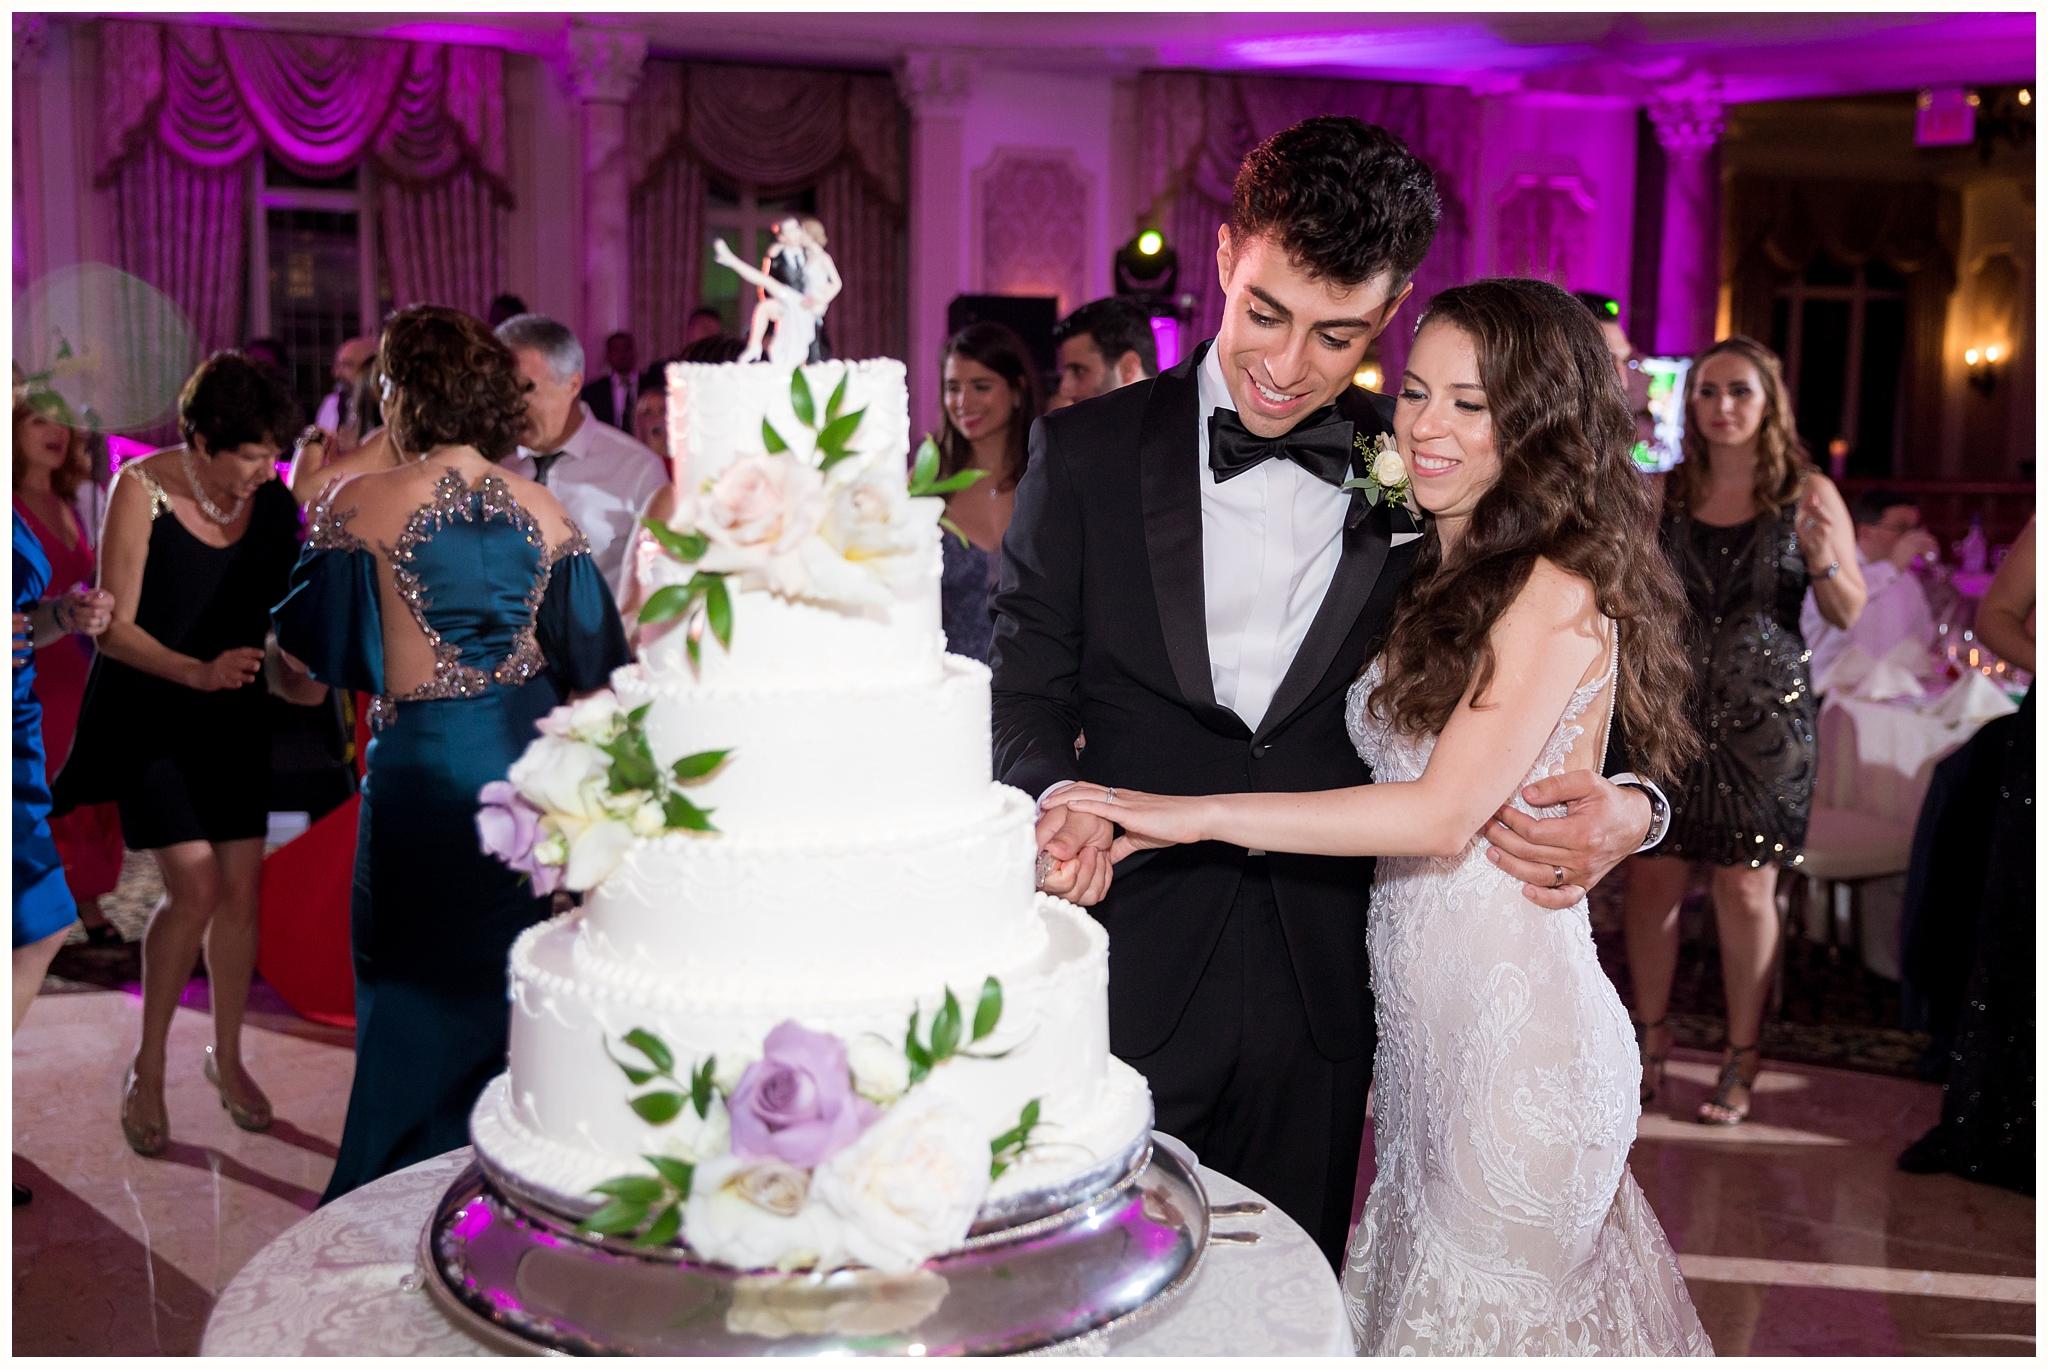 Pleasantdale Chateau Wedding NJ Wedding NYC Wedding Photographer_0059.jpg